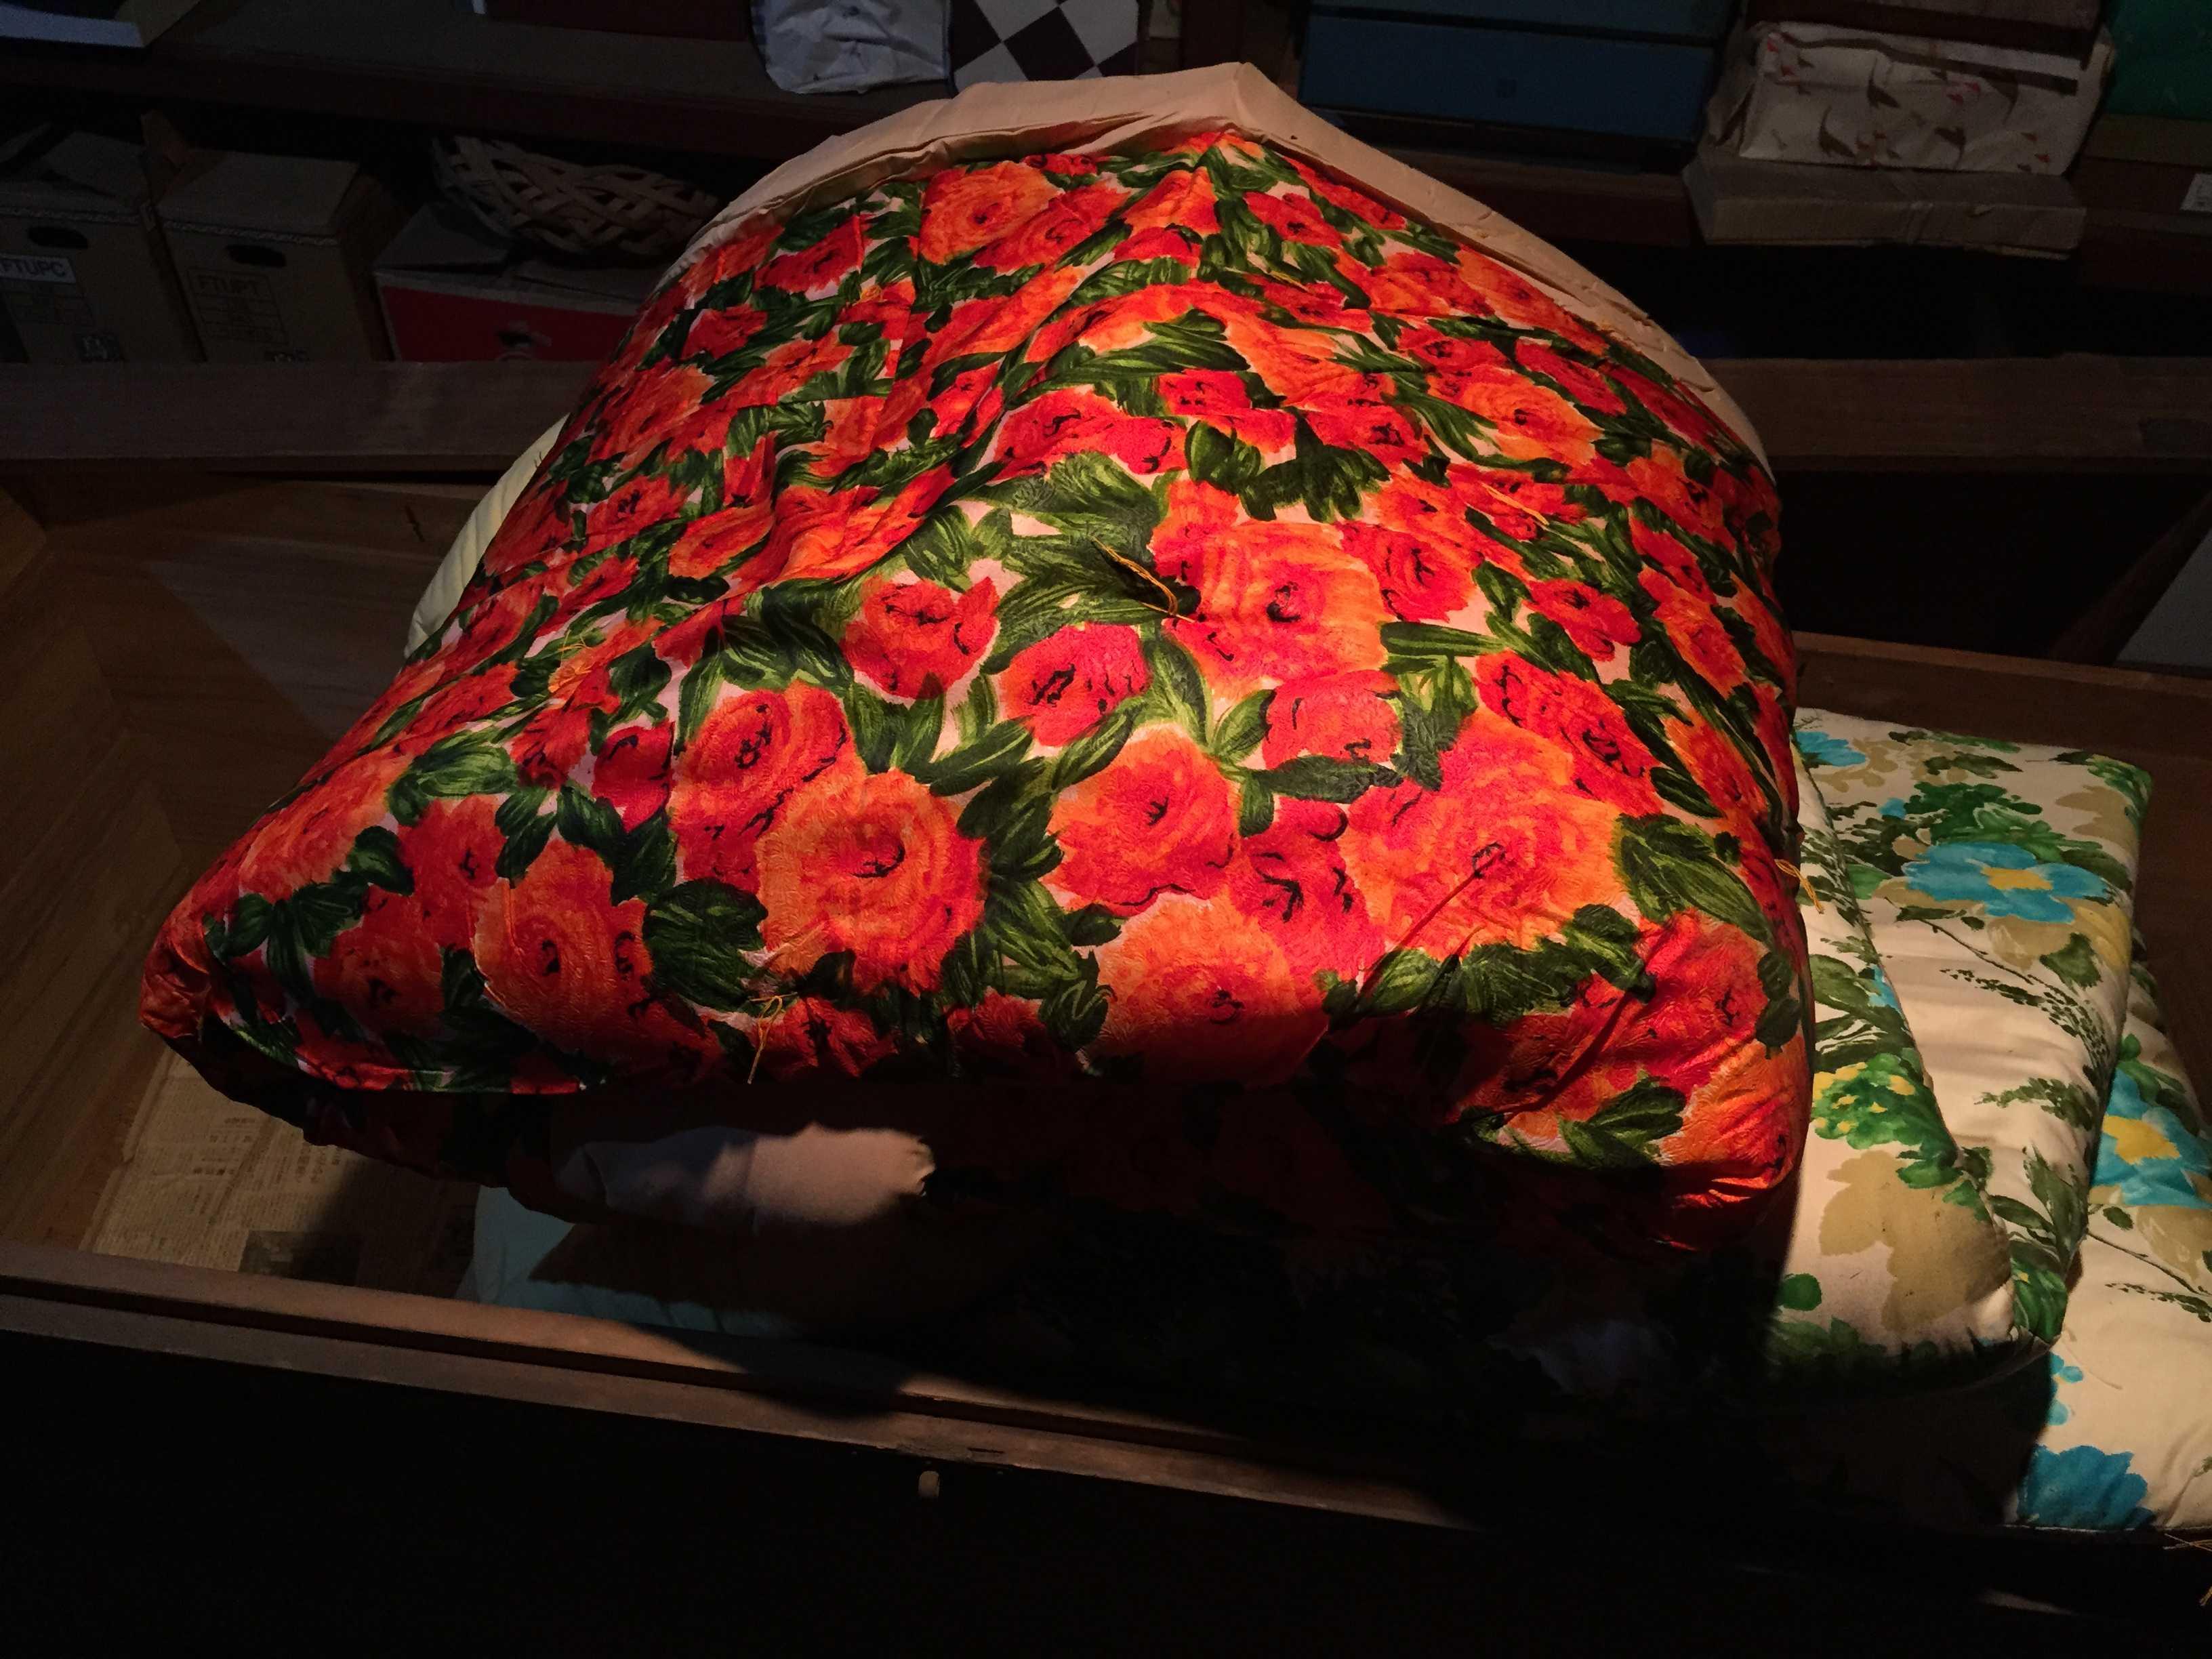 倉庫の照明に照らされた赤い薔薇の掛け蒲団